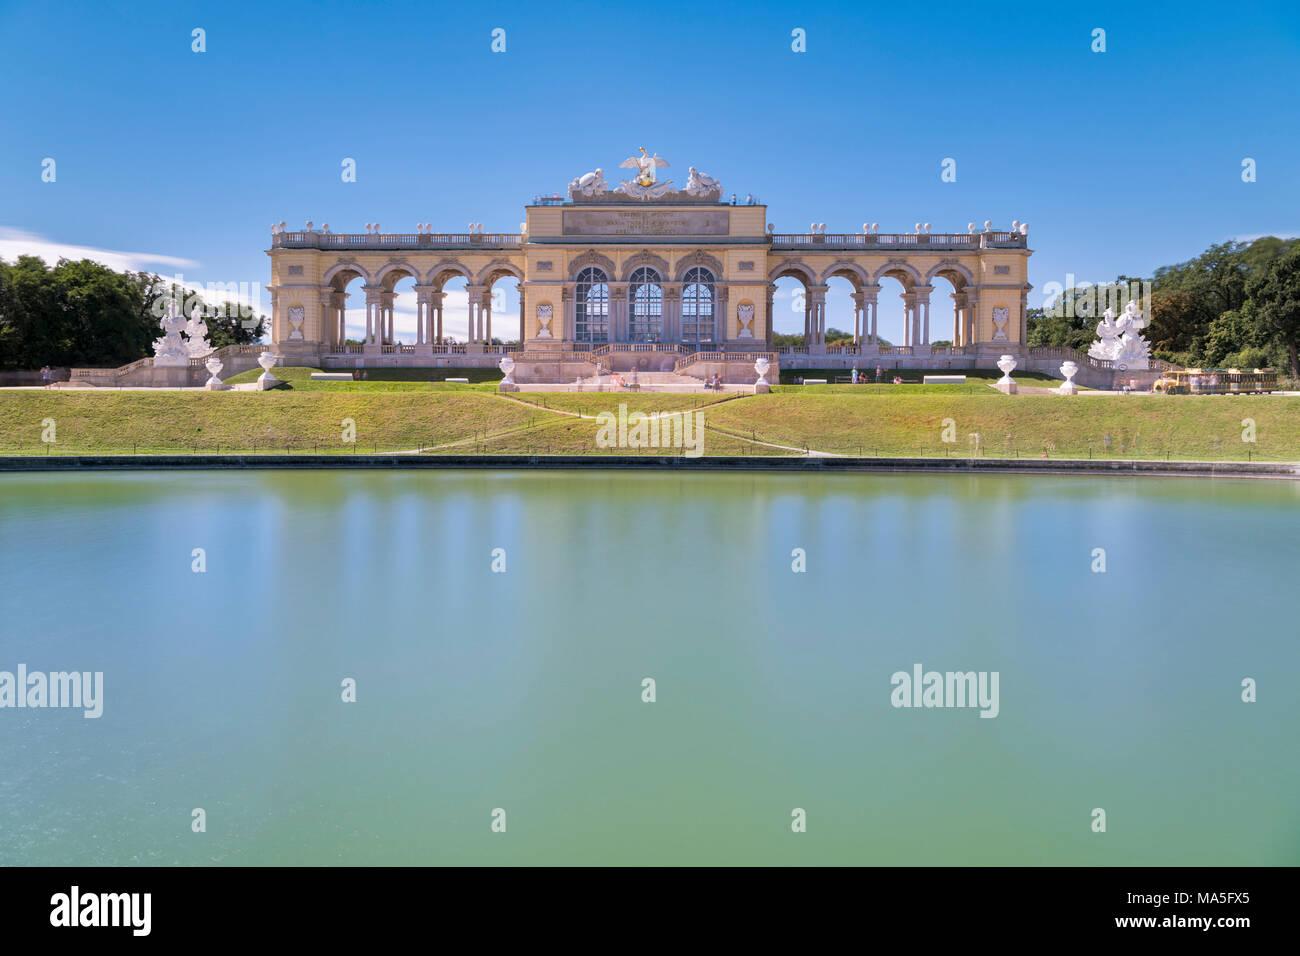 Vienne, Autriche, Europe. La chapelle du château dans les jardins du palais Schönbrunn Photo Stock